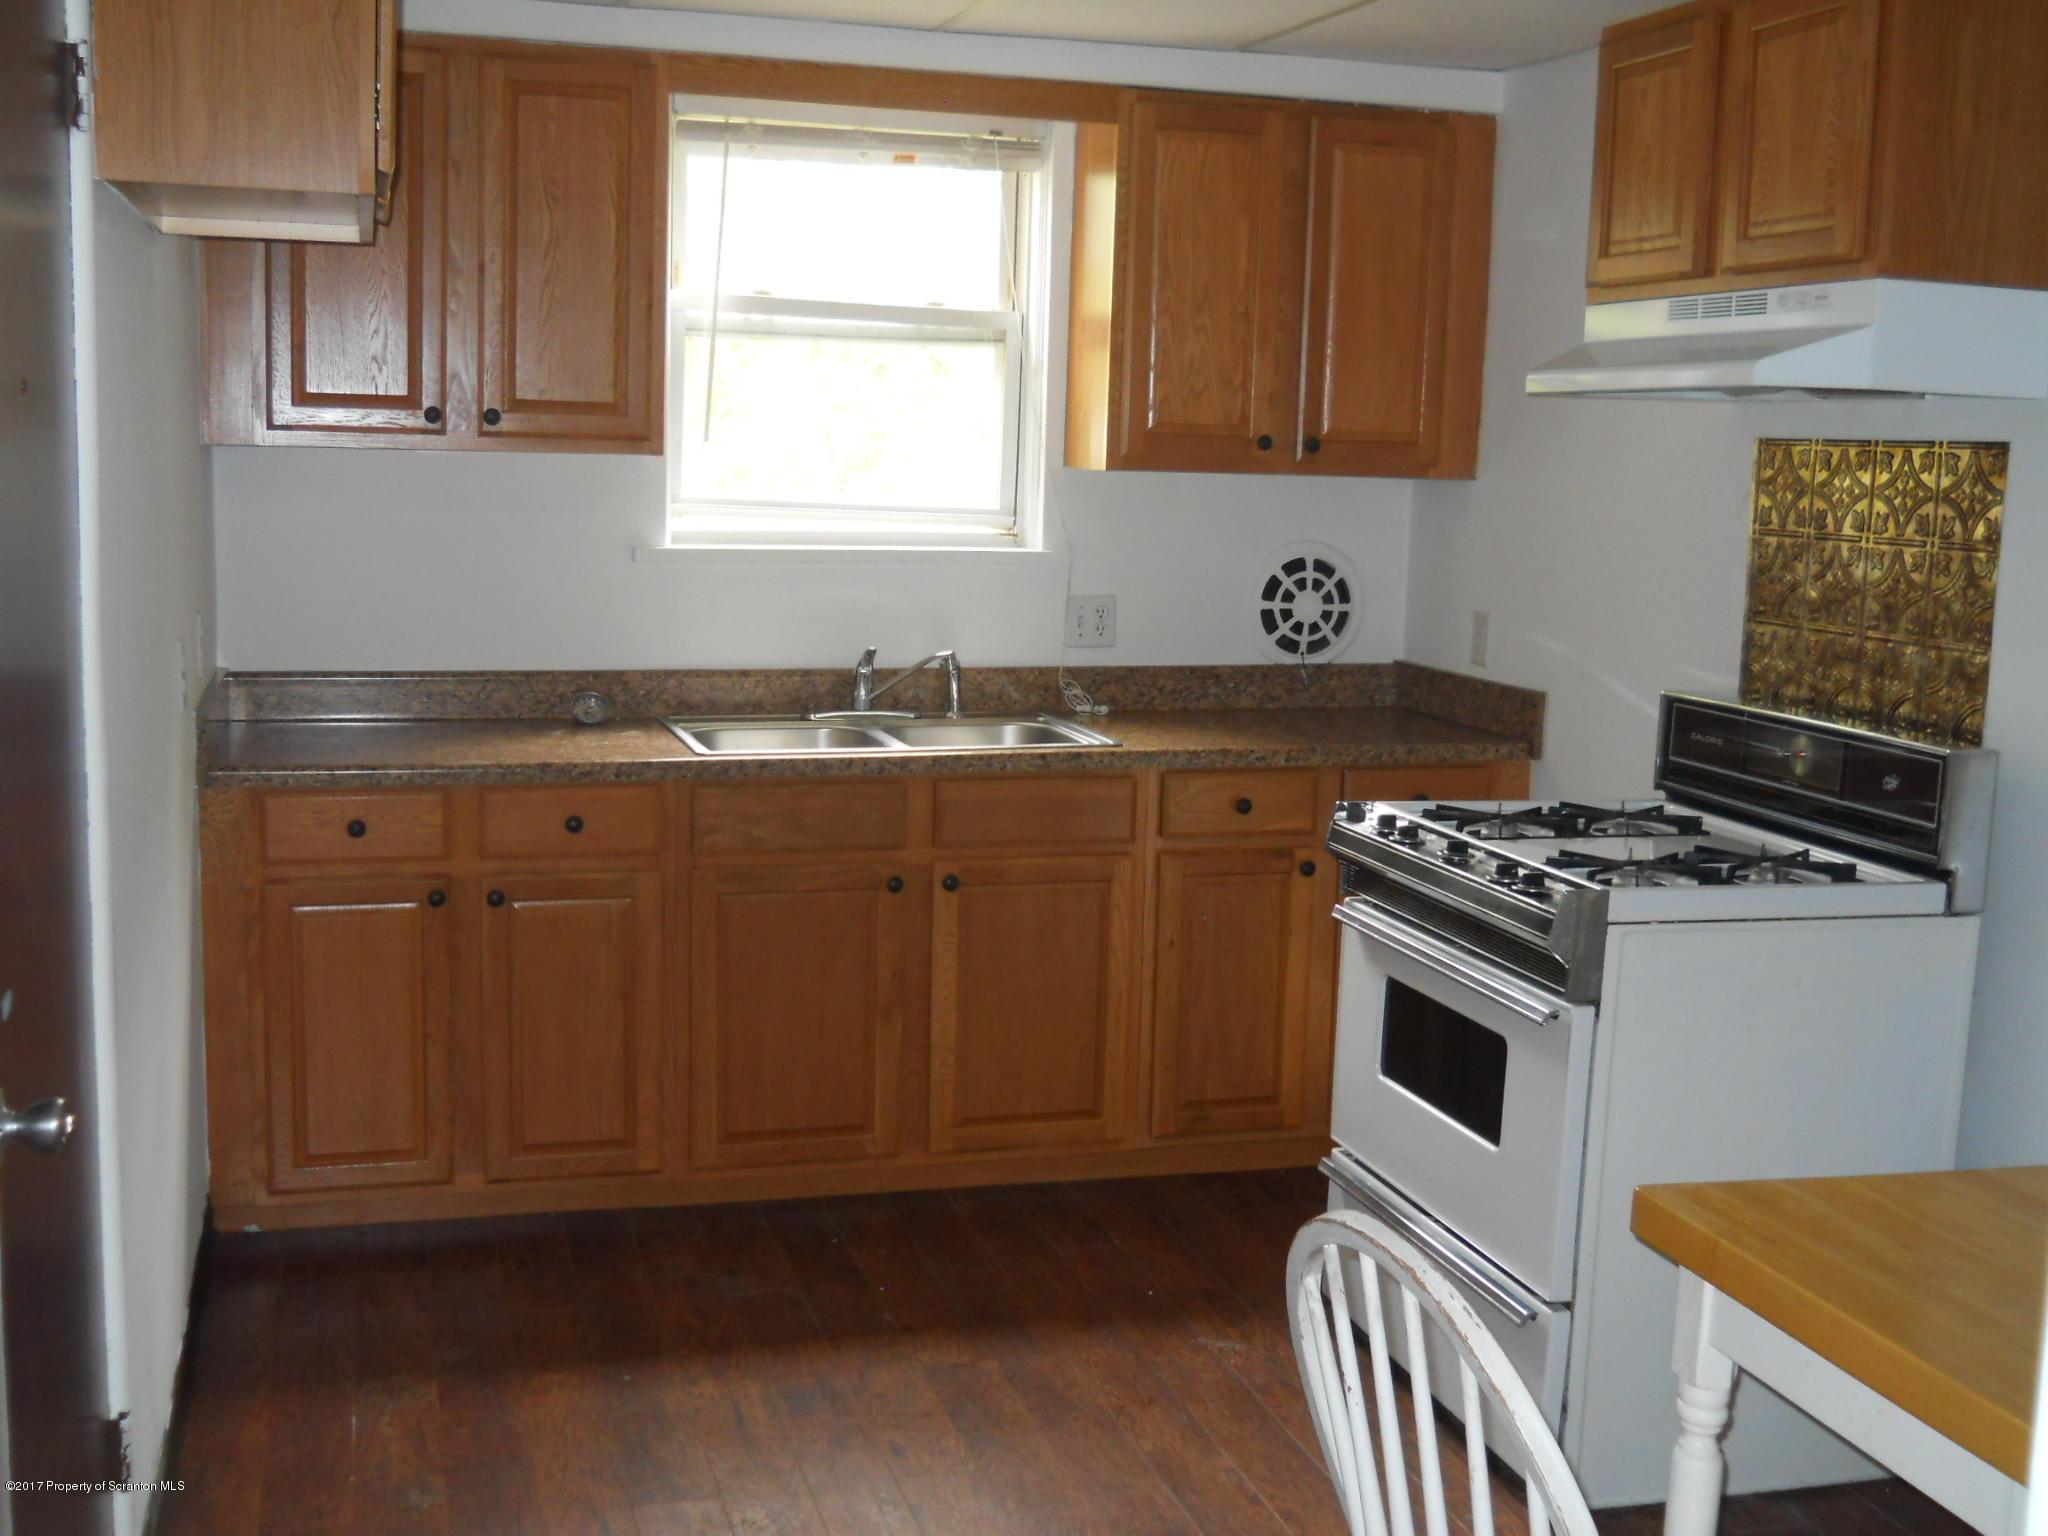 240 Grove Apt 4 St, Clarks Green, Pennsylvania 18411, 2 Bedrooms Bedrooms, 4 Rooms Rooms,1 BathroomBathrooms,Rental,For Lease,Grove Apt 4,19-3859